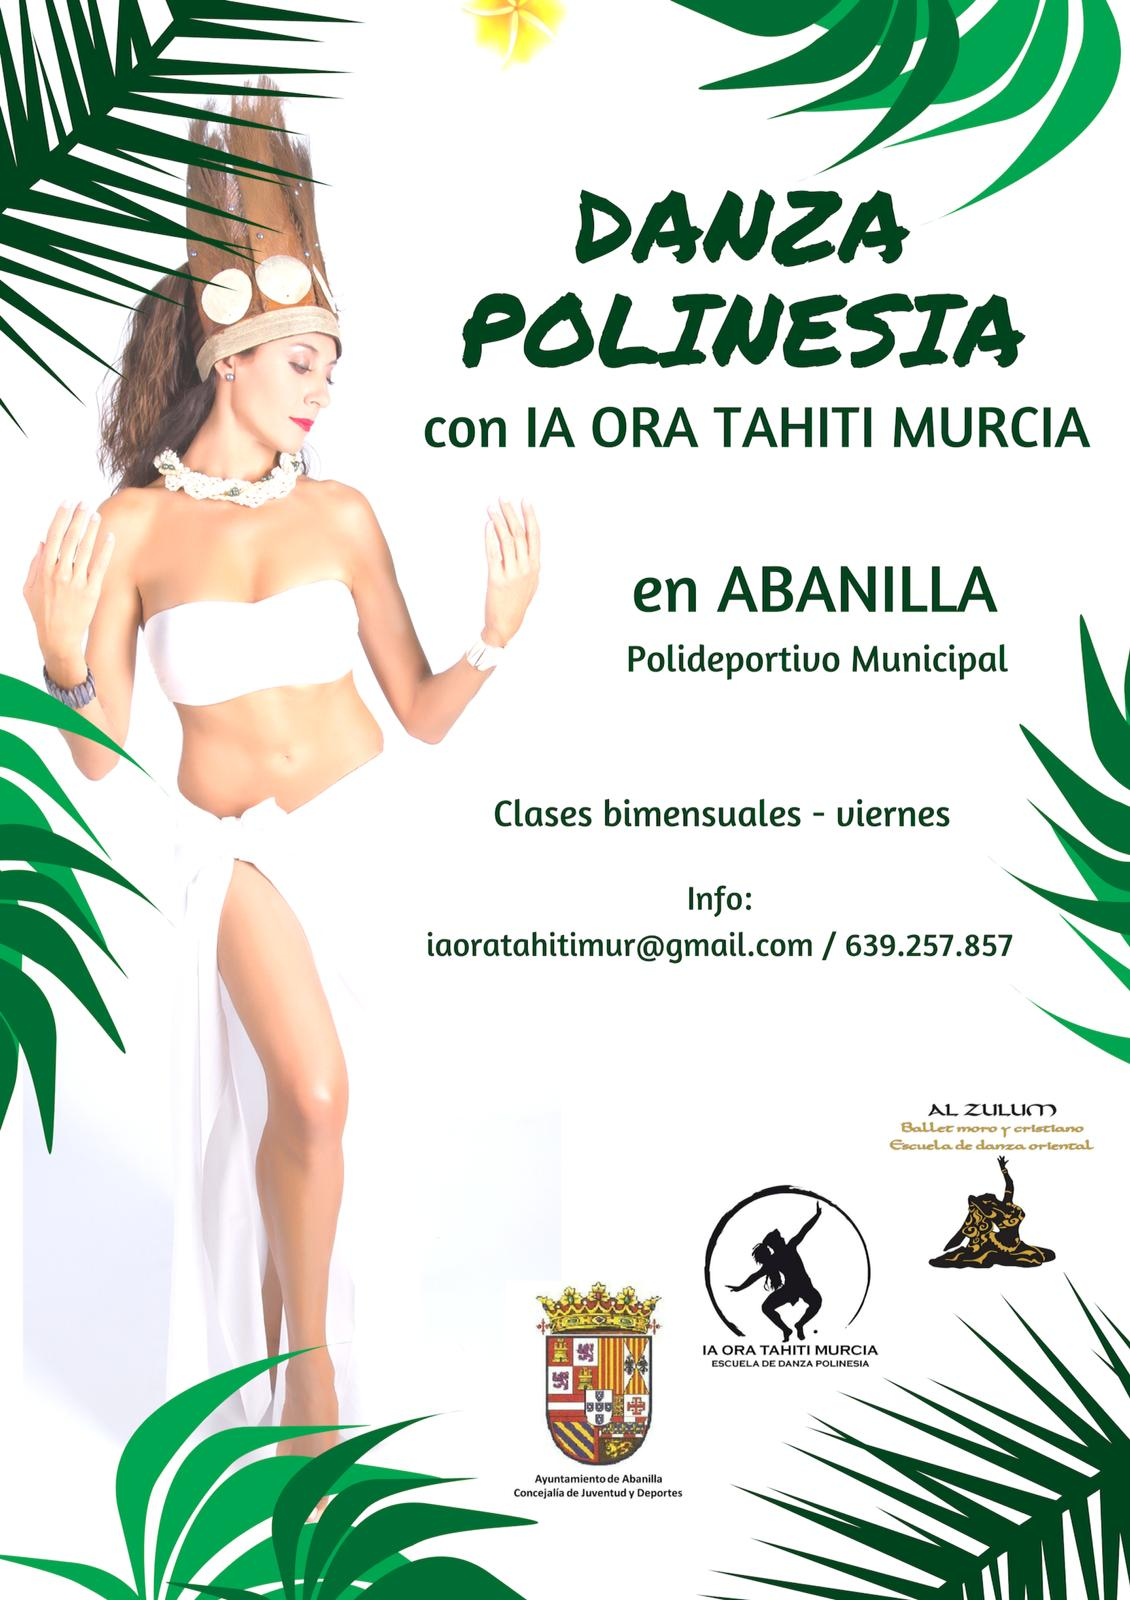 danzapolinesia